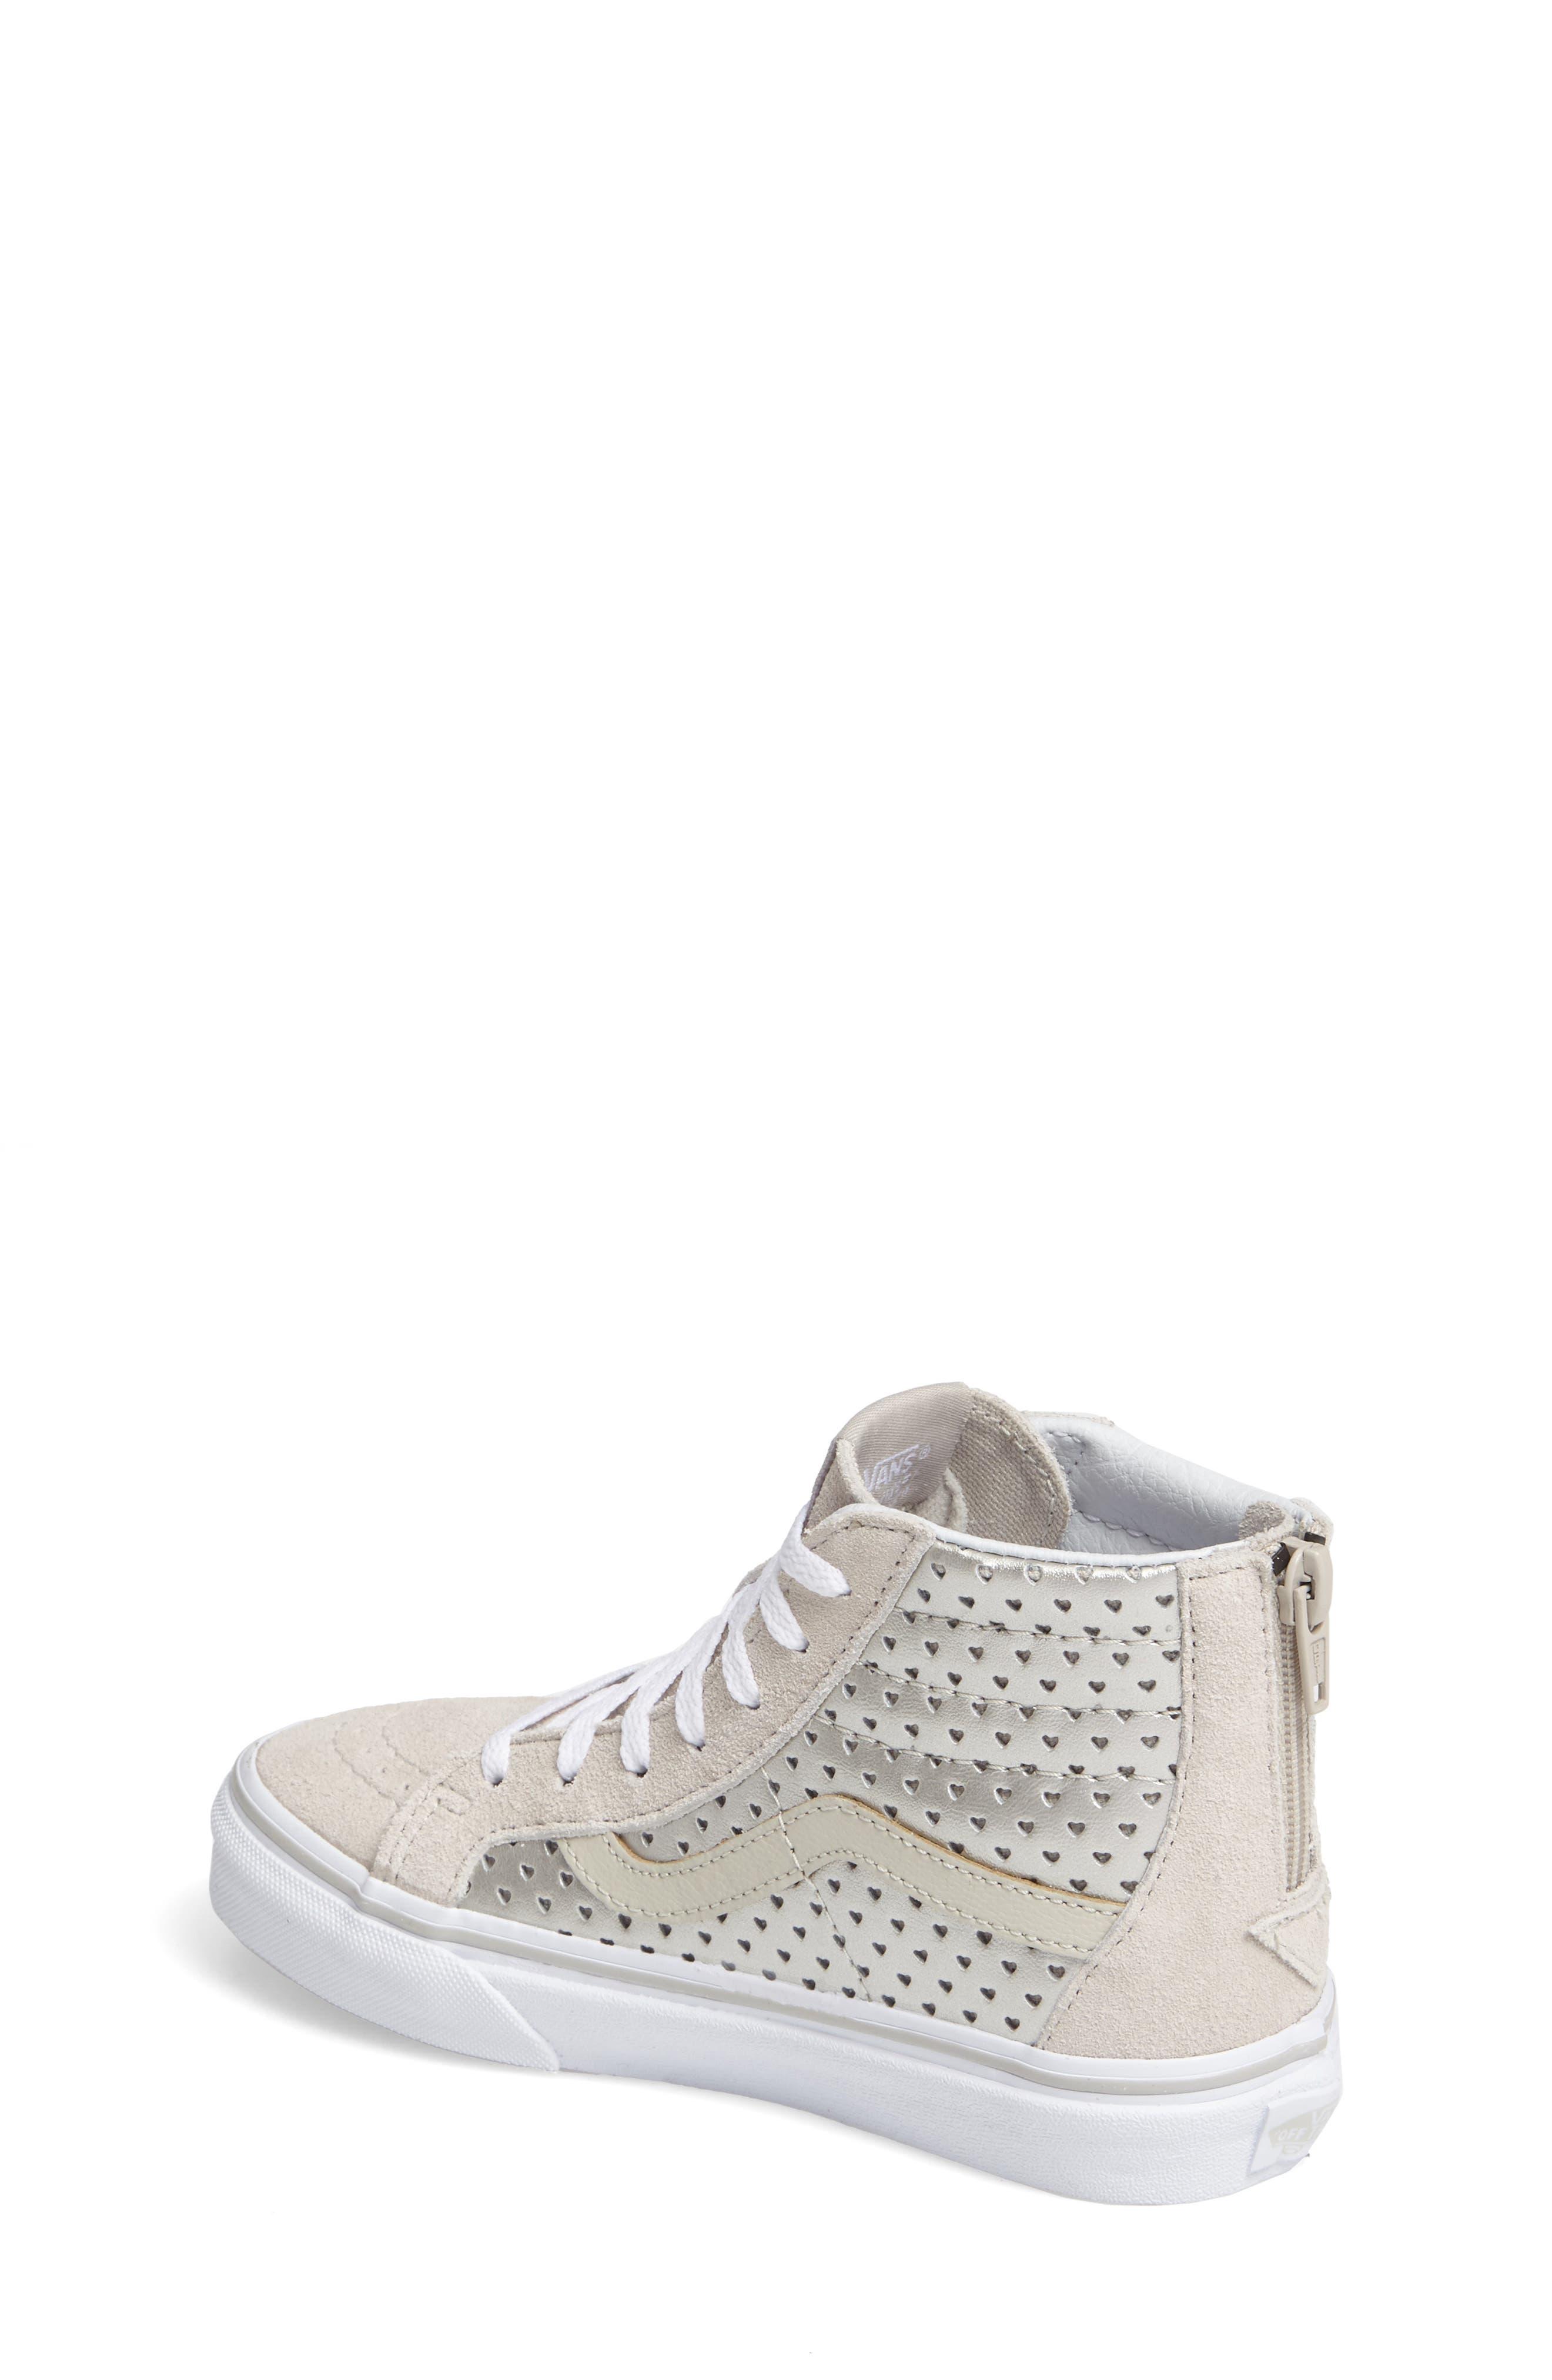 Sk8-Hi Zip Sneaker,                             Alternate thumbnail 2, color,                             040